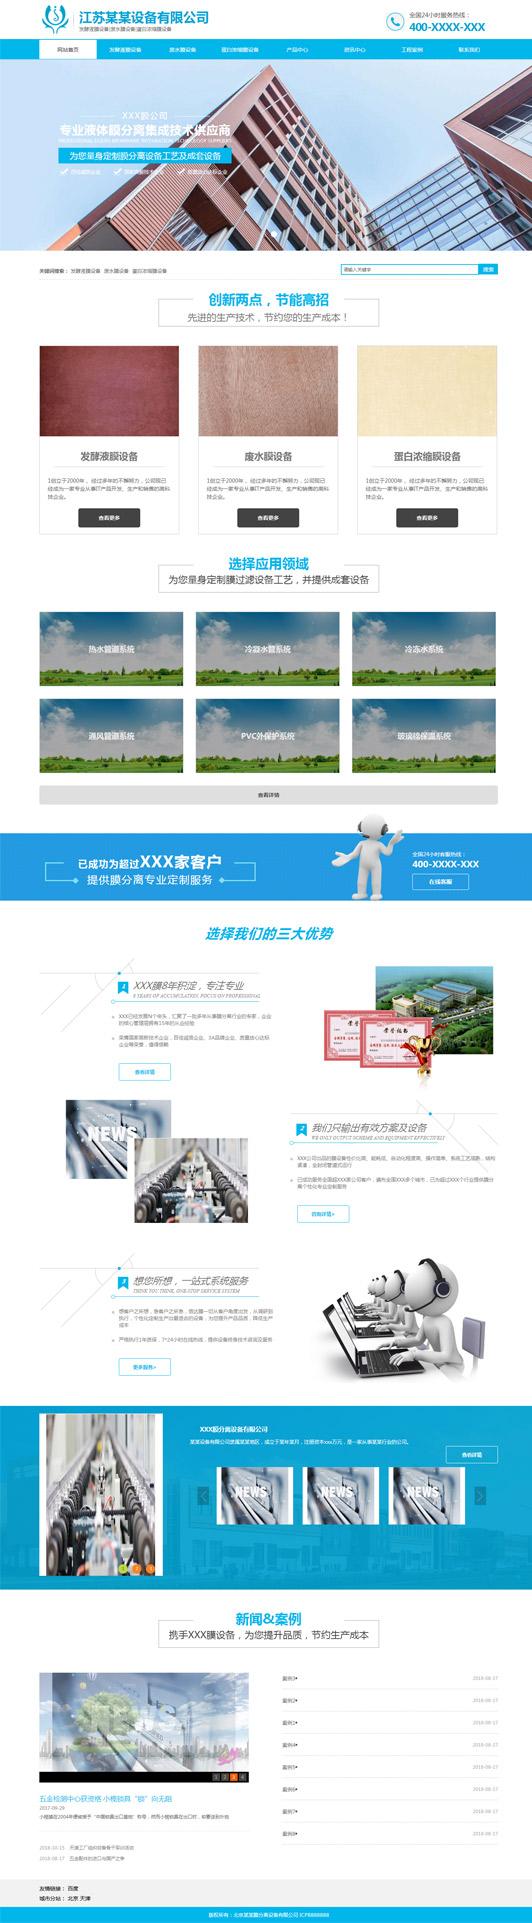 机械设备定制公司网站通用模板